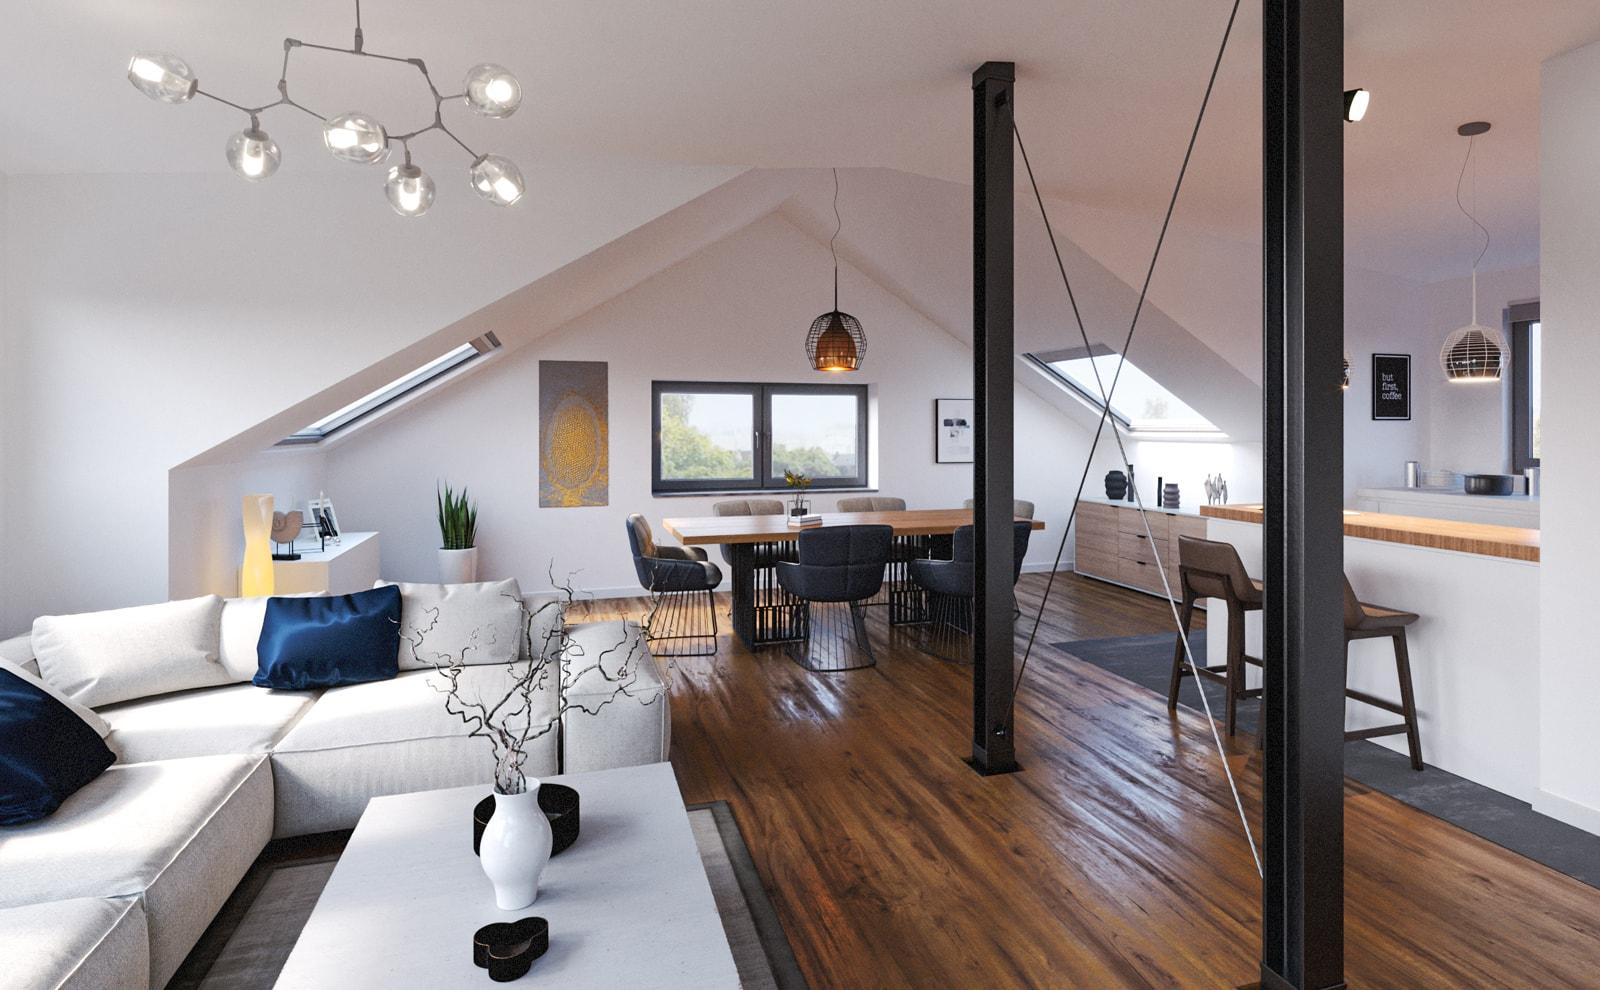 Immobilie Haeckerstraße 12: Interior Wohnung